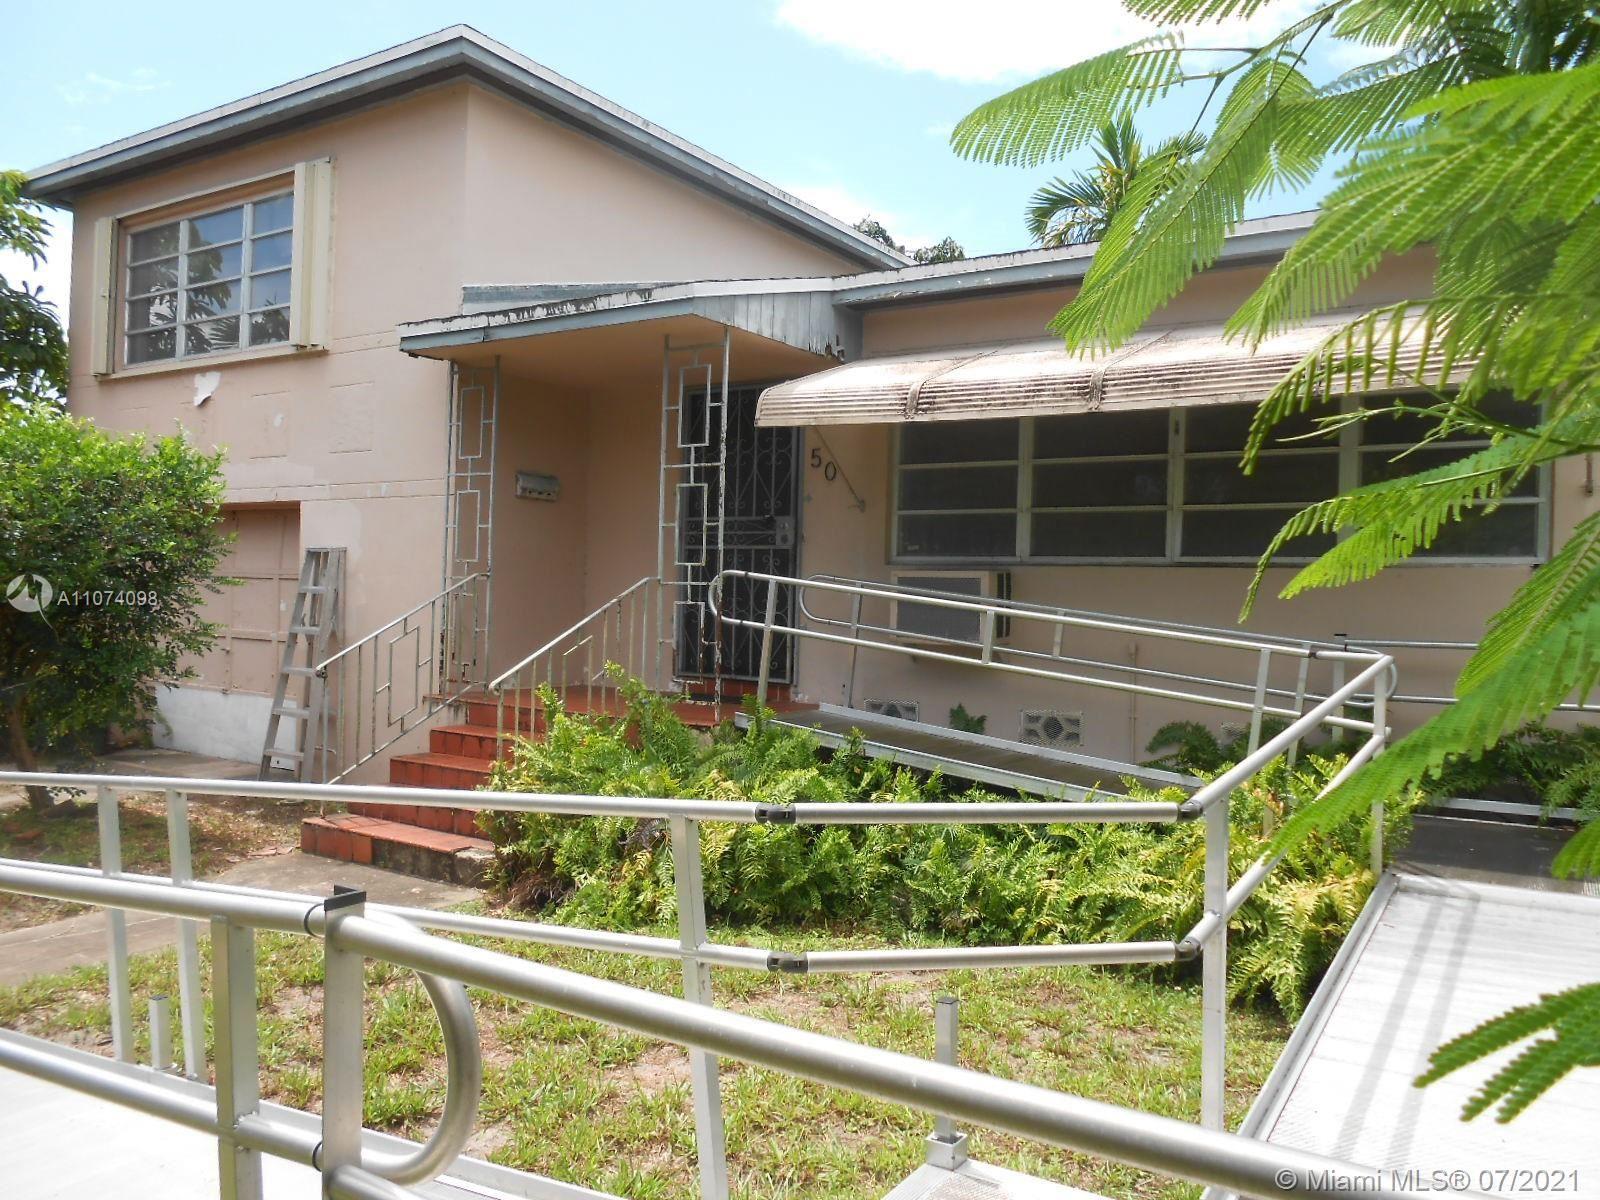 50 NE 124th Ter, North Miami, FL 33161 - #: A11074098